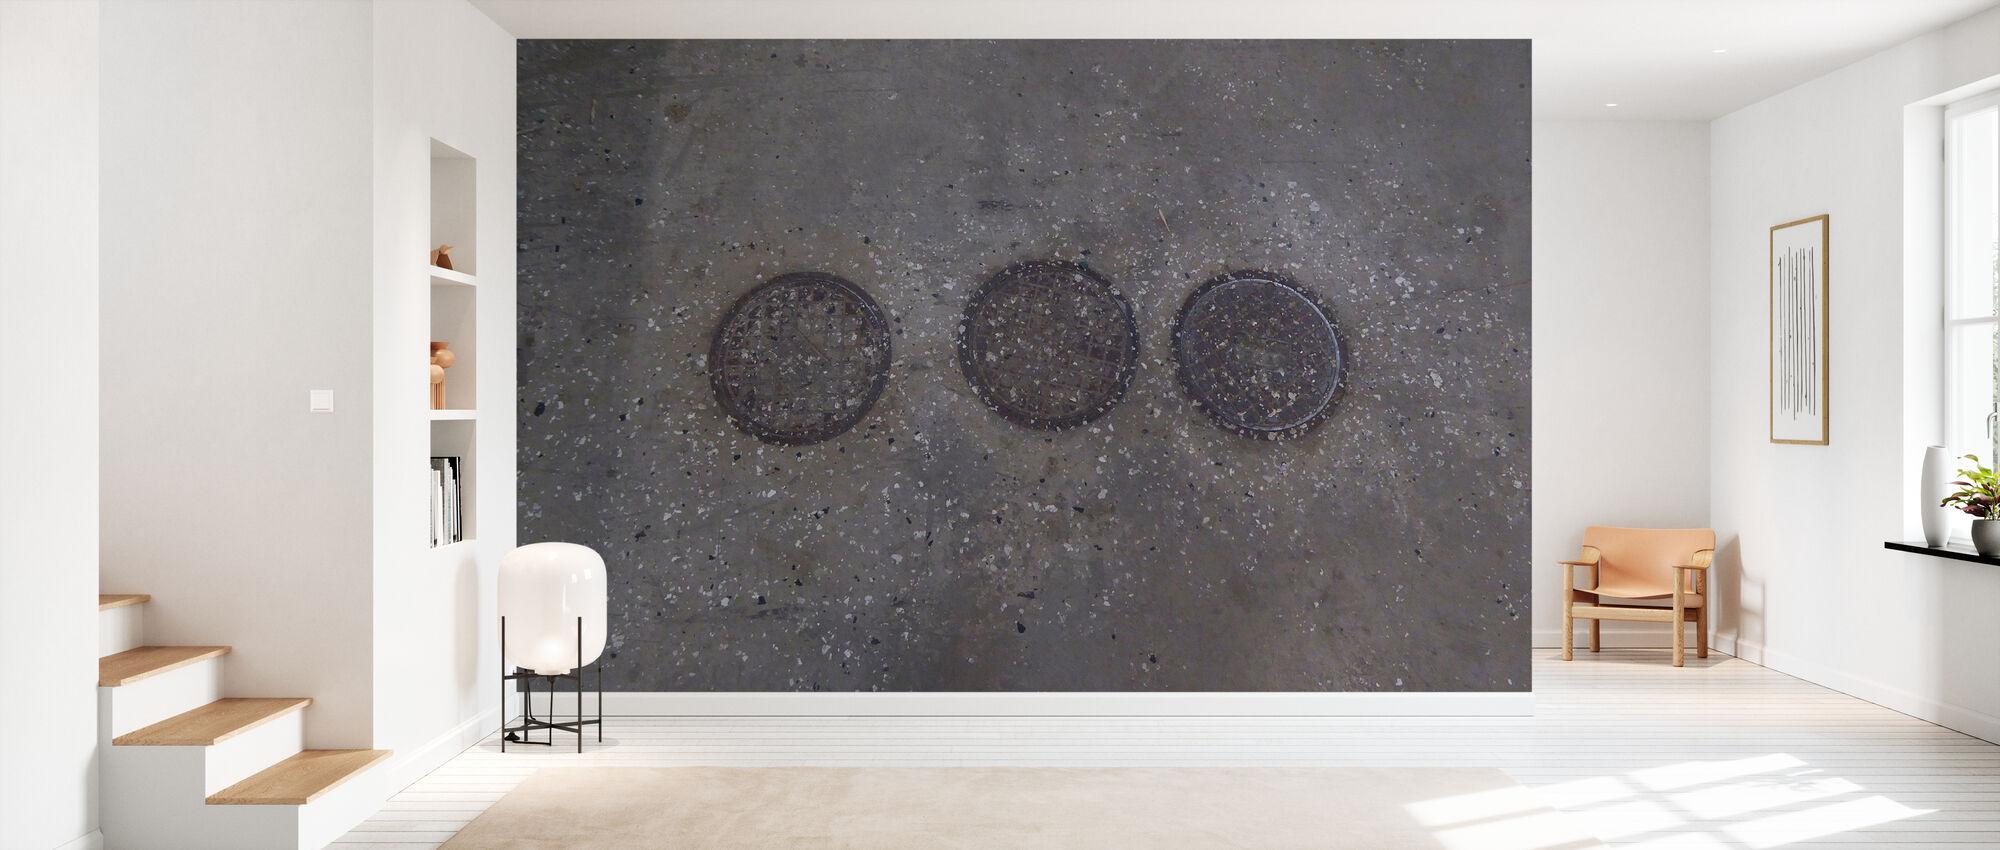 Concrete Floor on Wall 6 - Wallpaper - Hallway